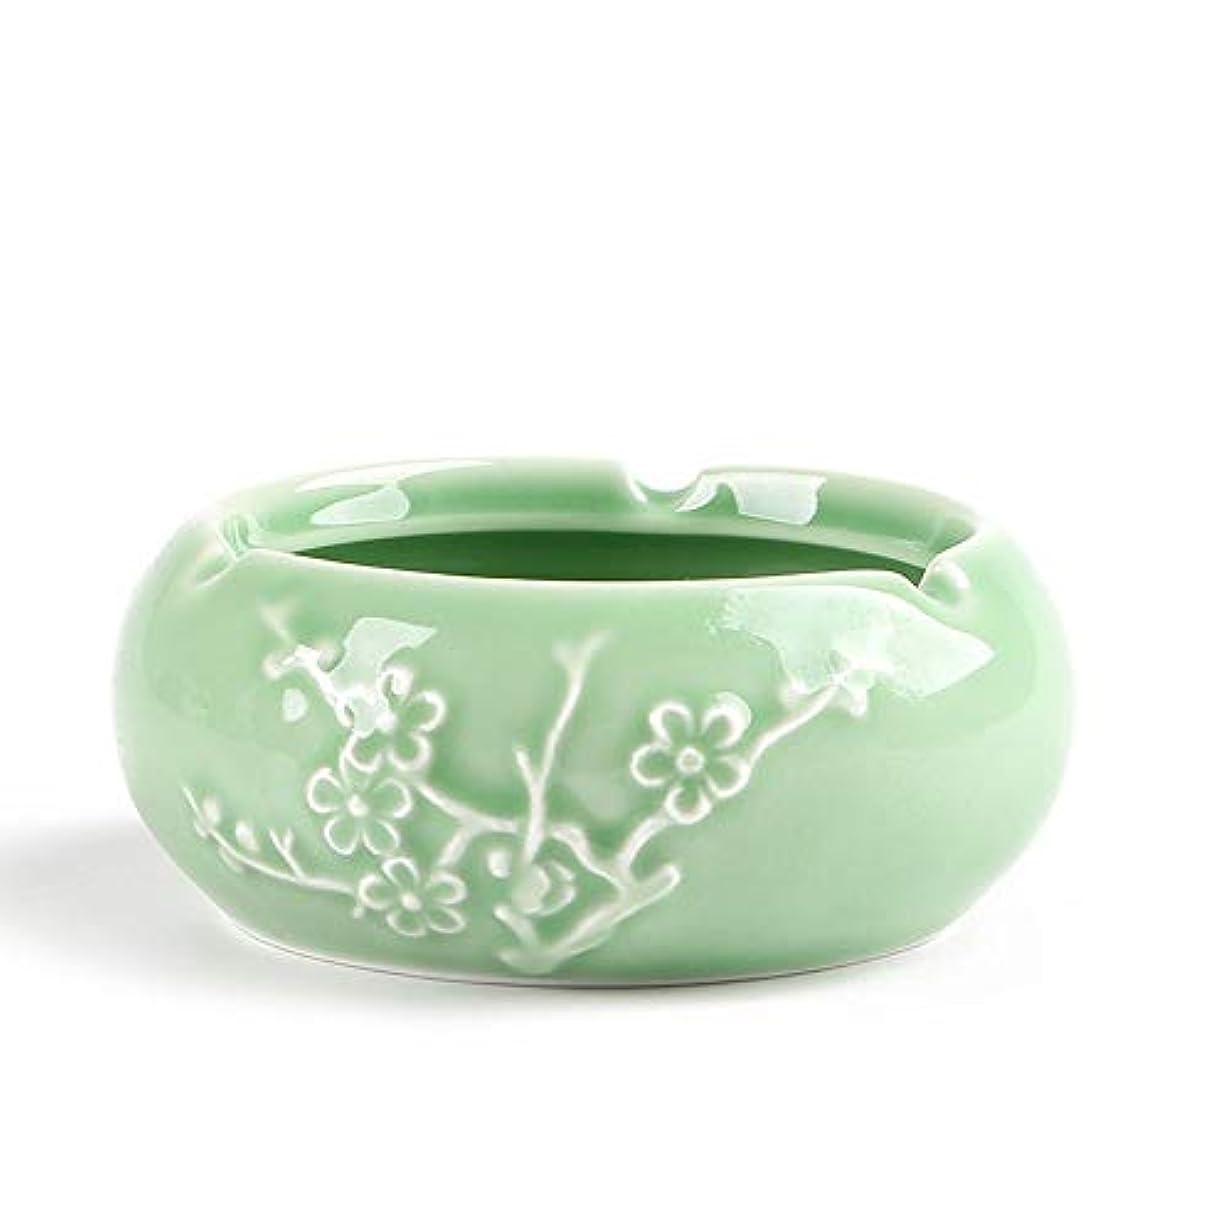 連邦引用彼女中国のセラミック灰皿手作り灰皿クリエイティブクラフトバーインターネットカフェ写真小道具の装飾品